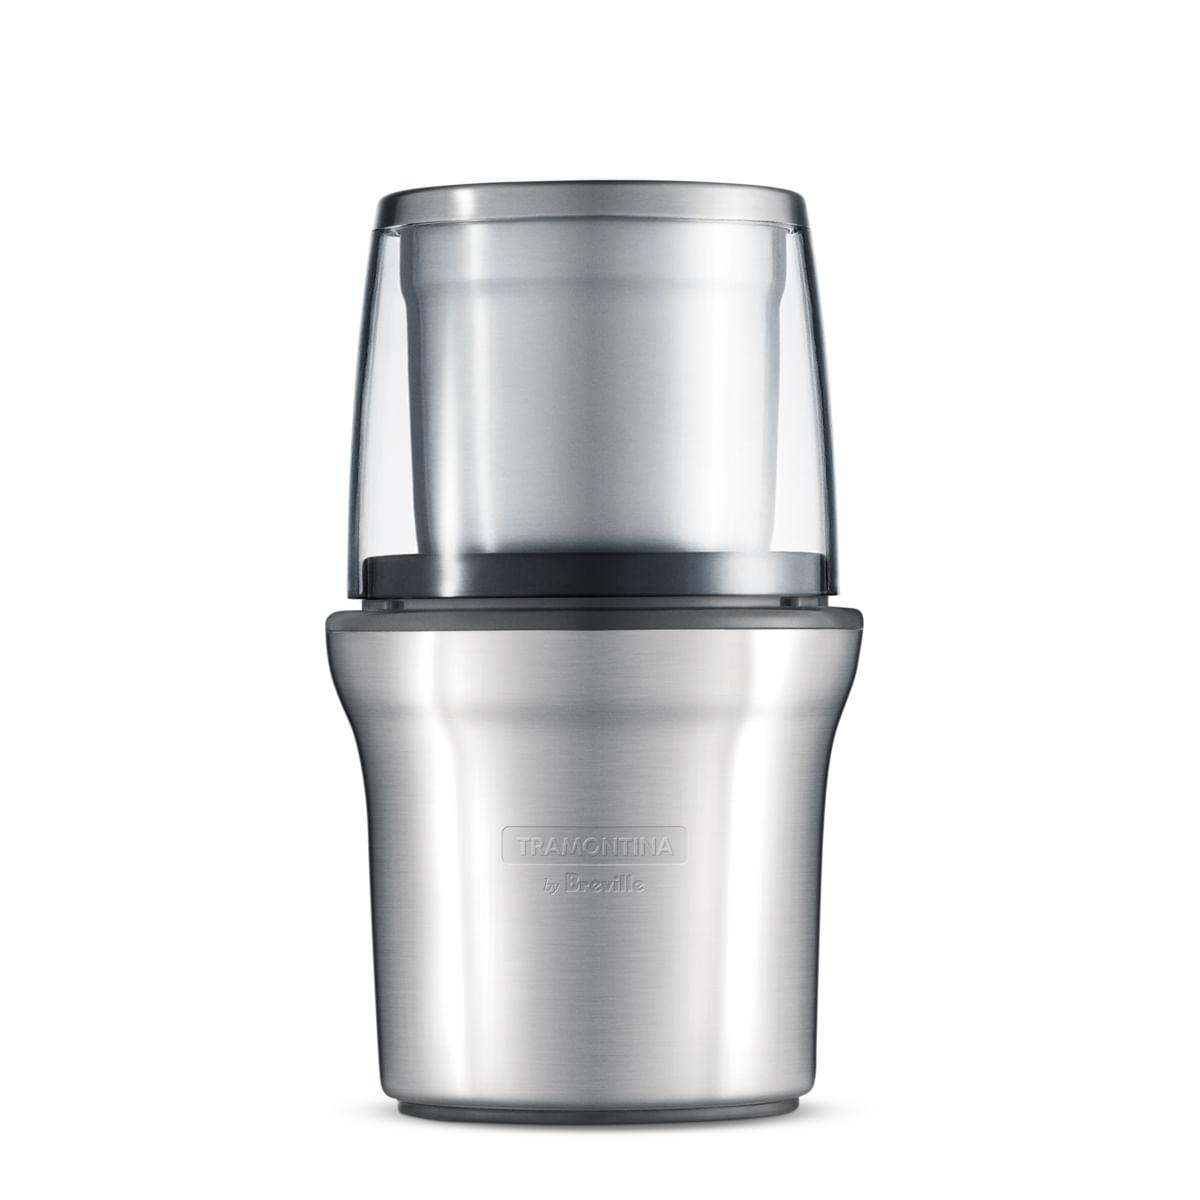 Moedor de grãos Tramontina by Breville Coffee & Spice em Aço Inox Fosco